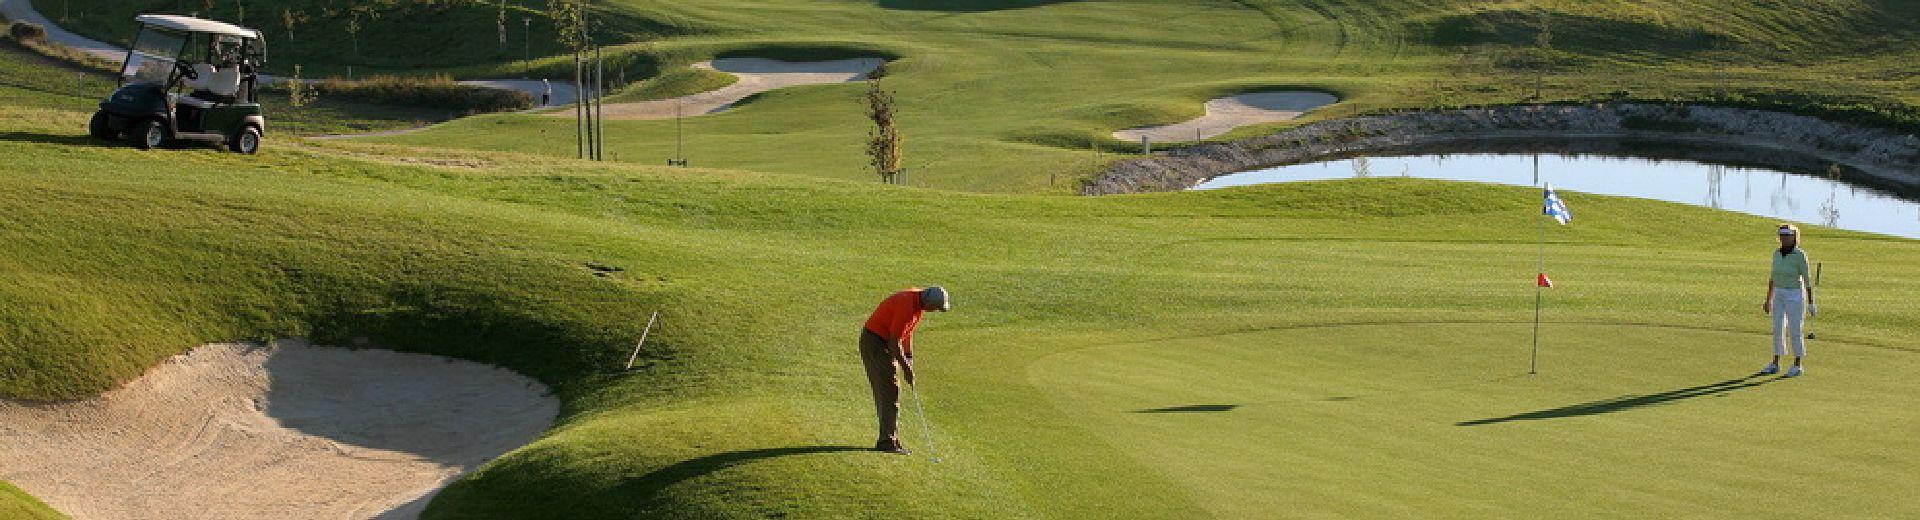 Golfclub Sonnberg-Kobernausserwald